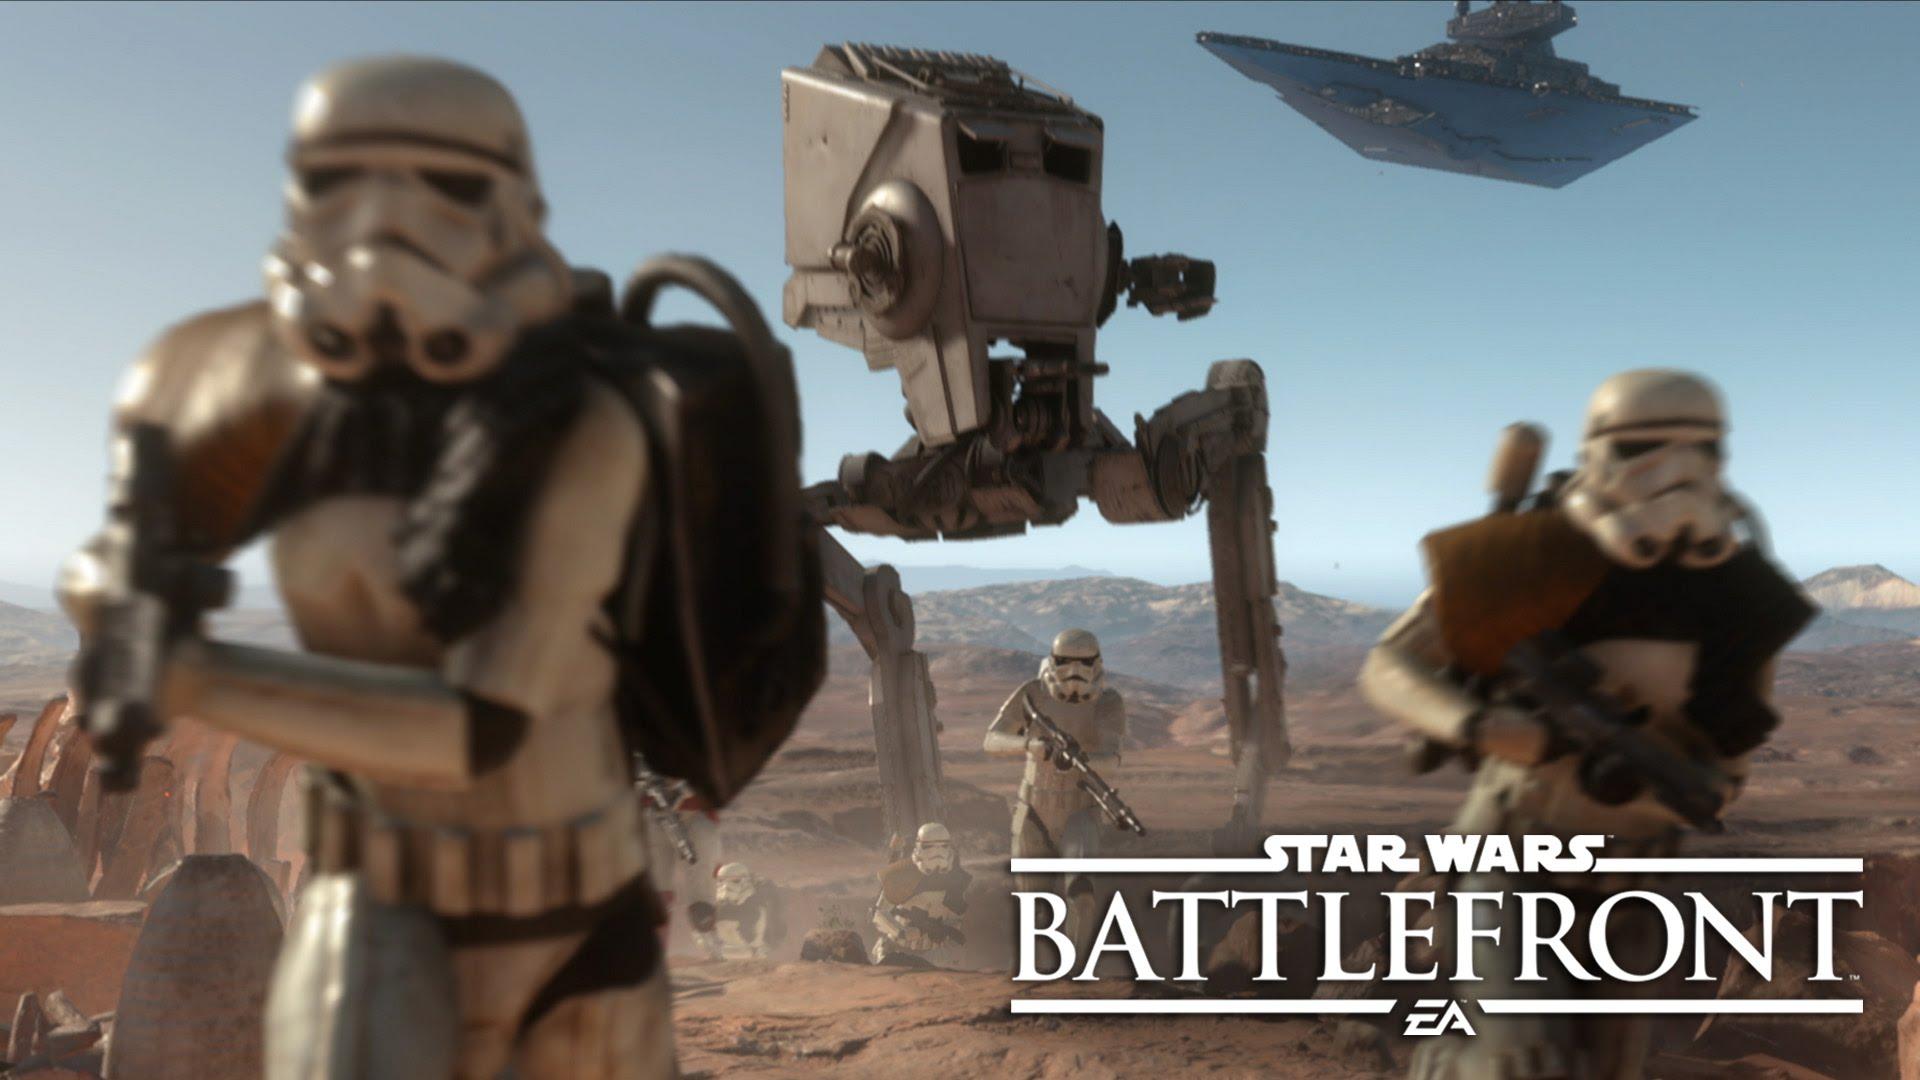 Star Wars Battlefront 2 Background: Star Wars Battlefront Wallpapers, Pictures, Images